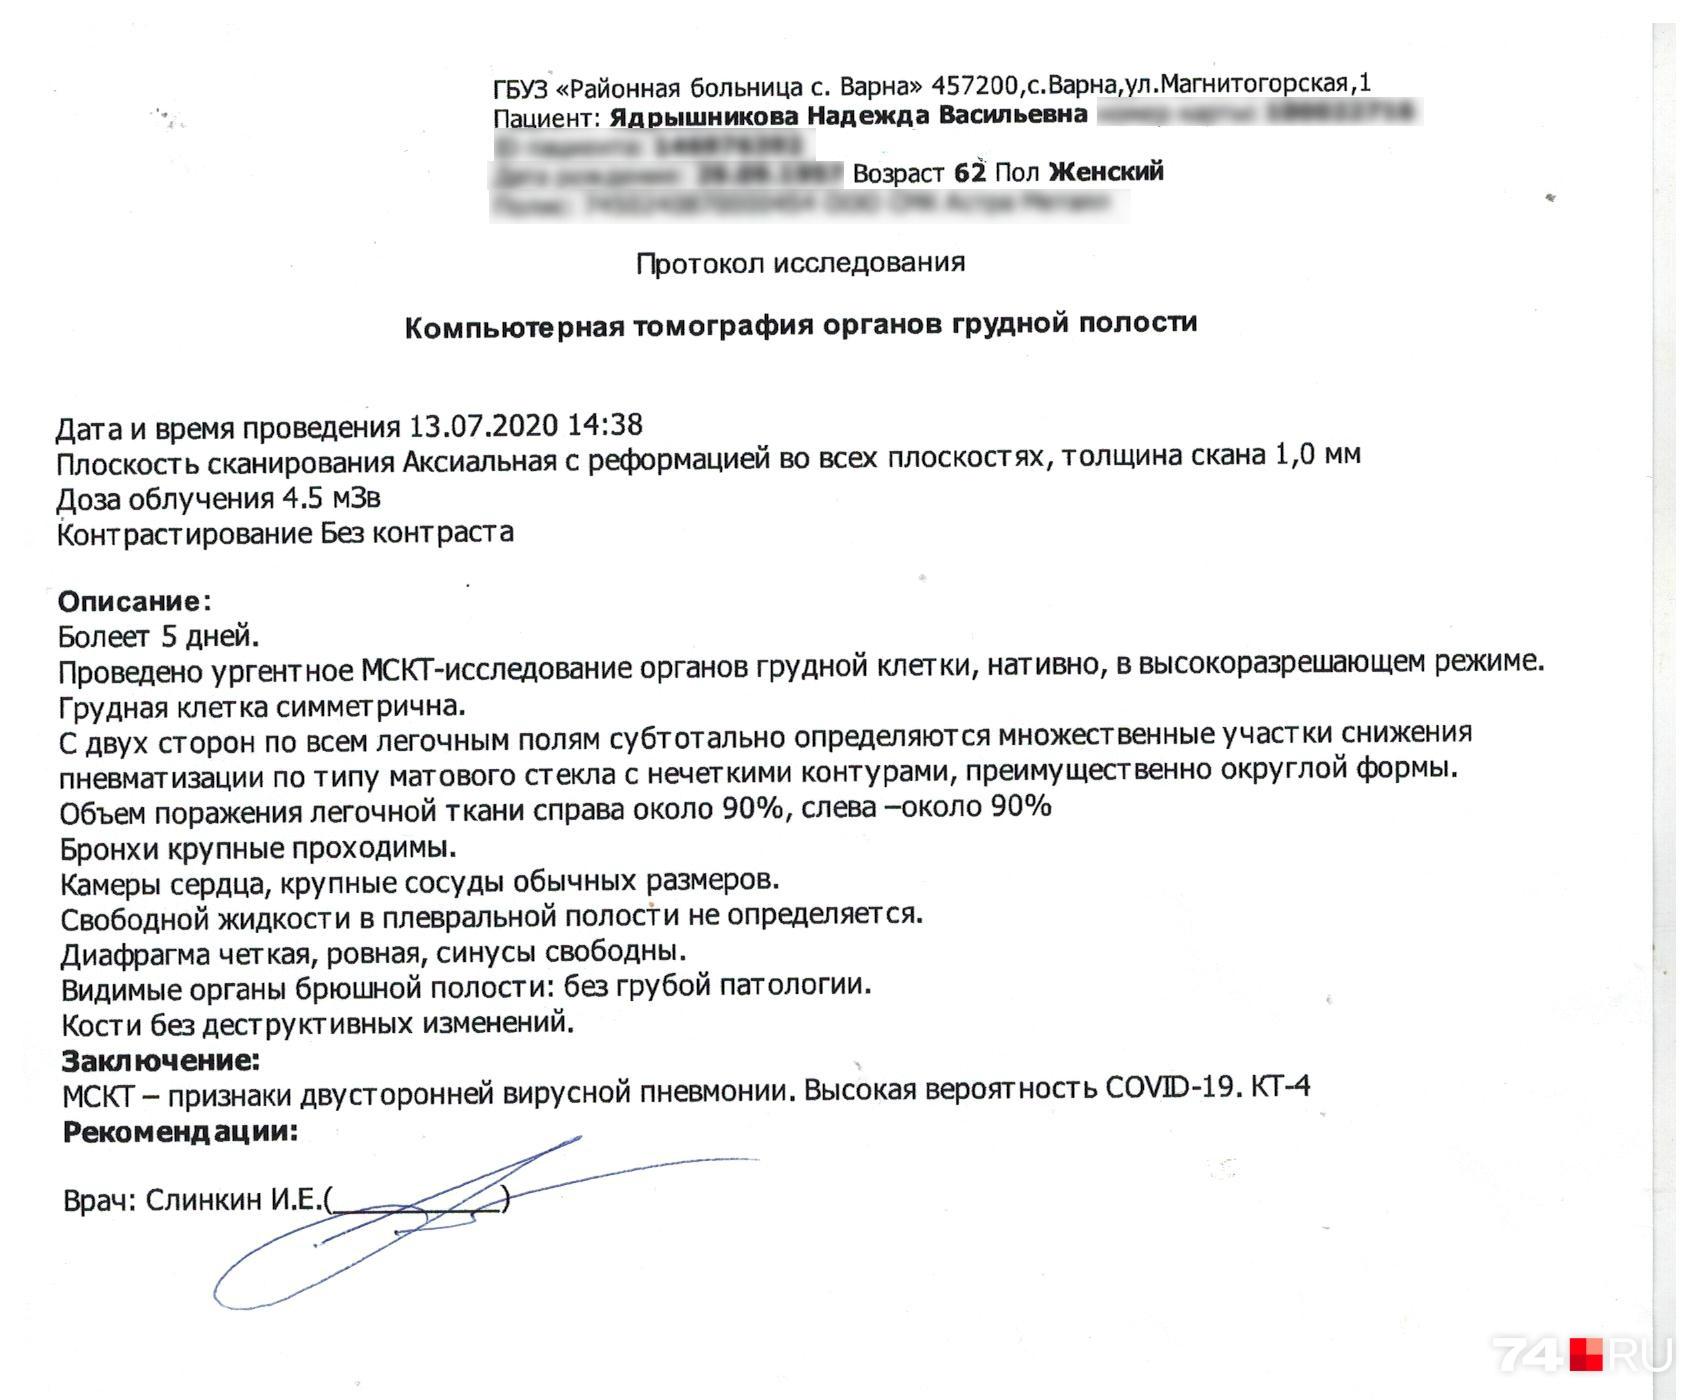 На компьютерной томографии Надежде поставили диагноз «КТ-4». Это критическое поражение лёгких